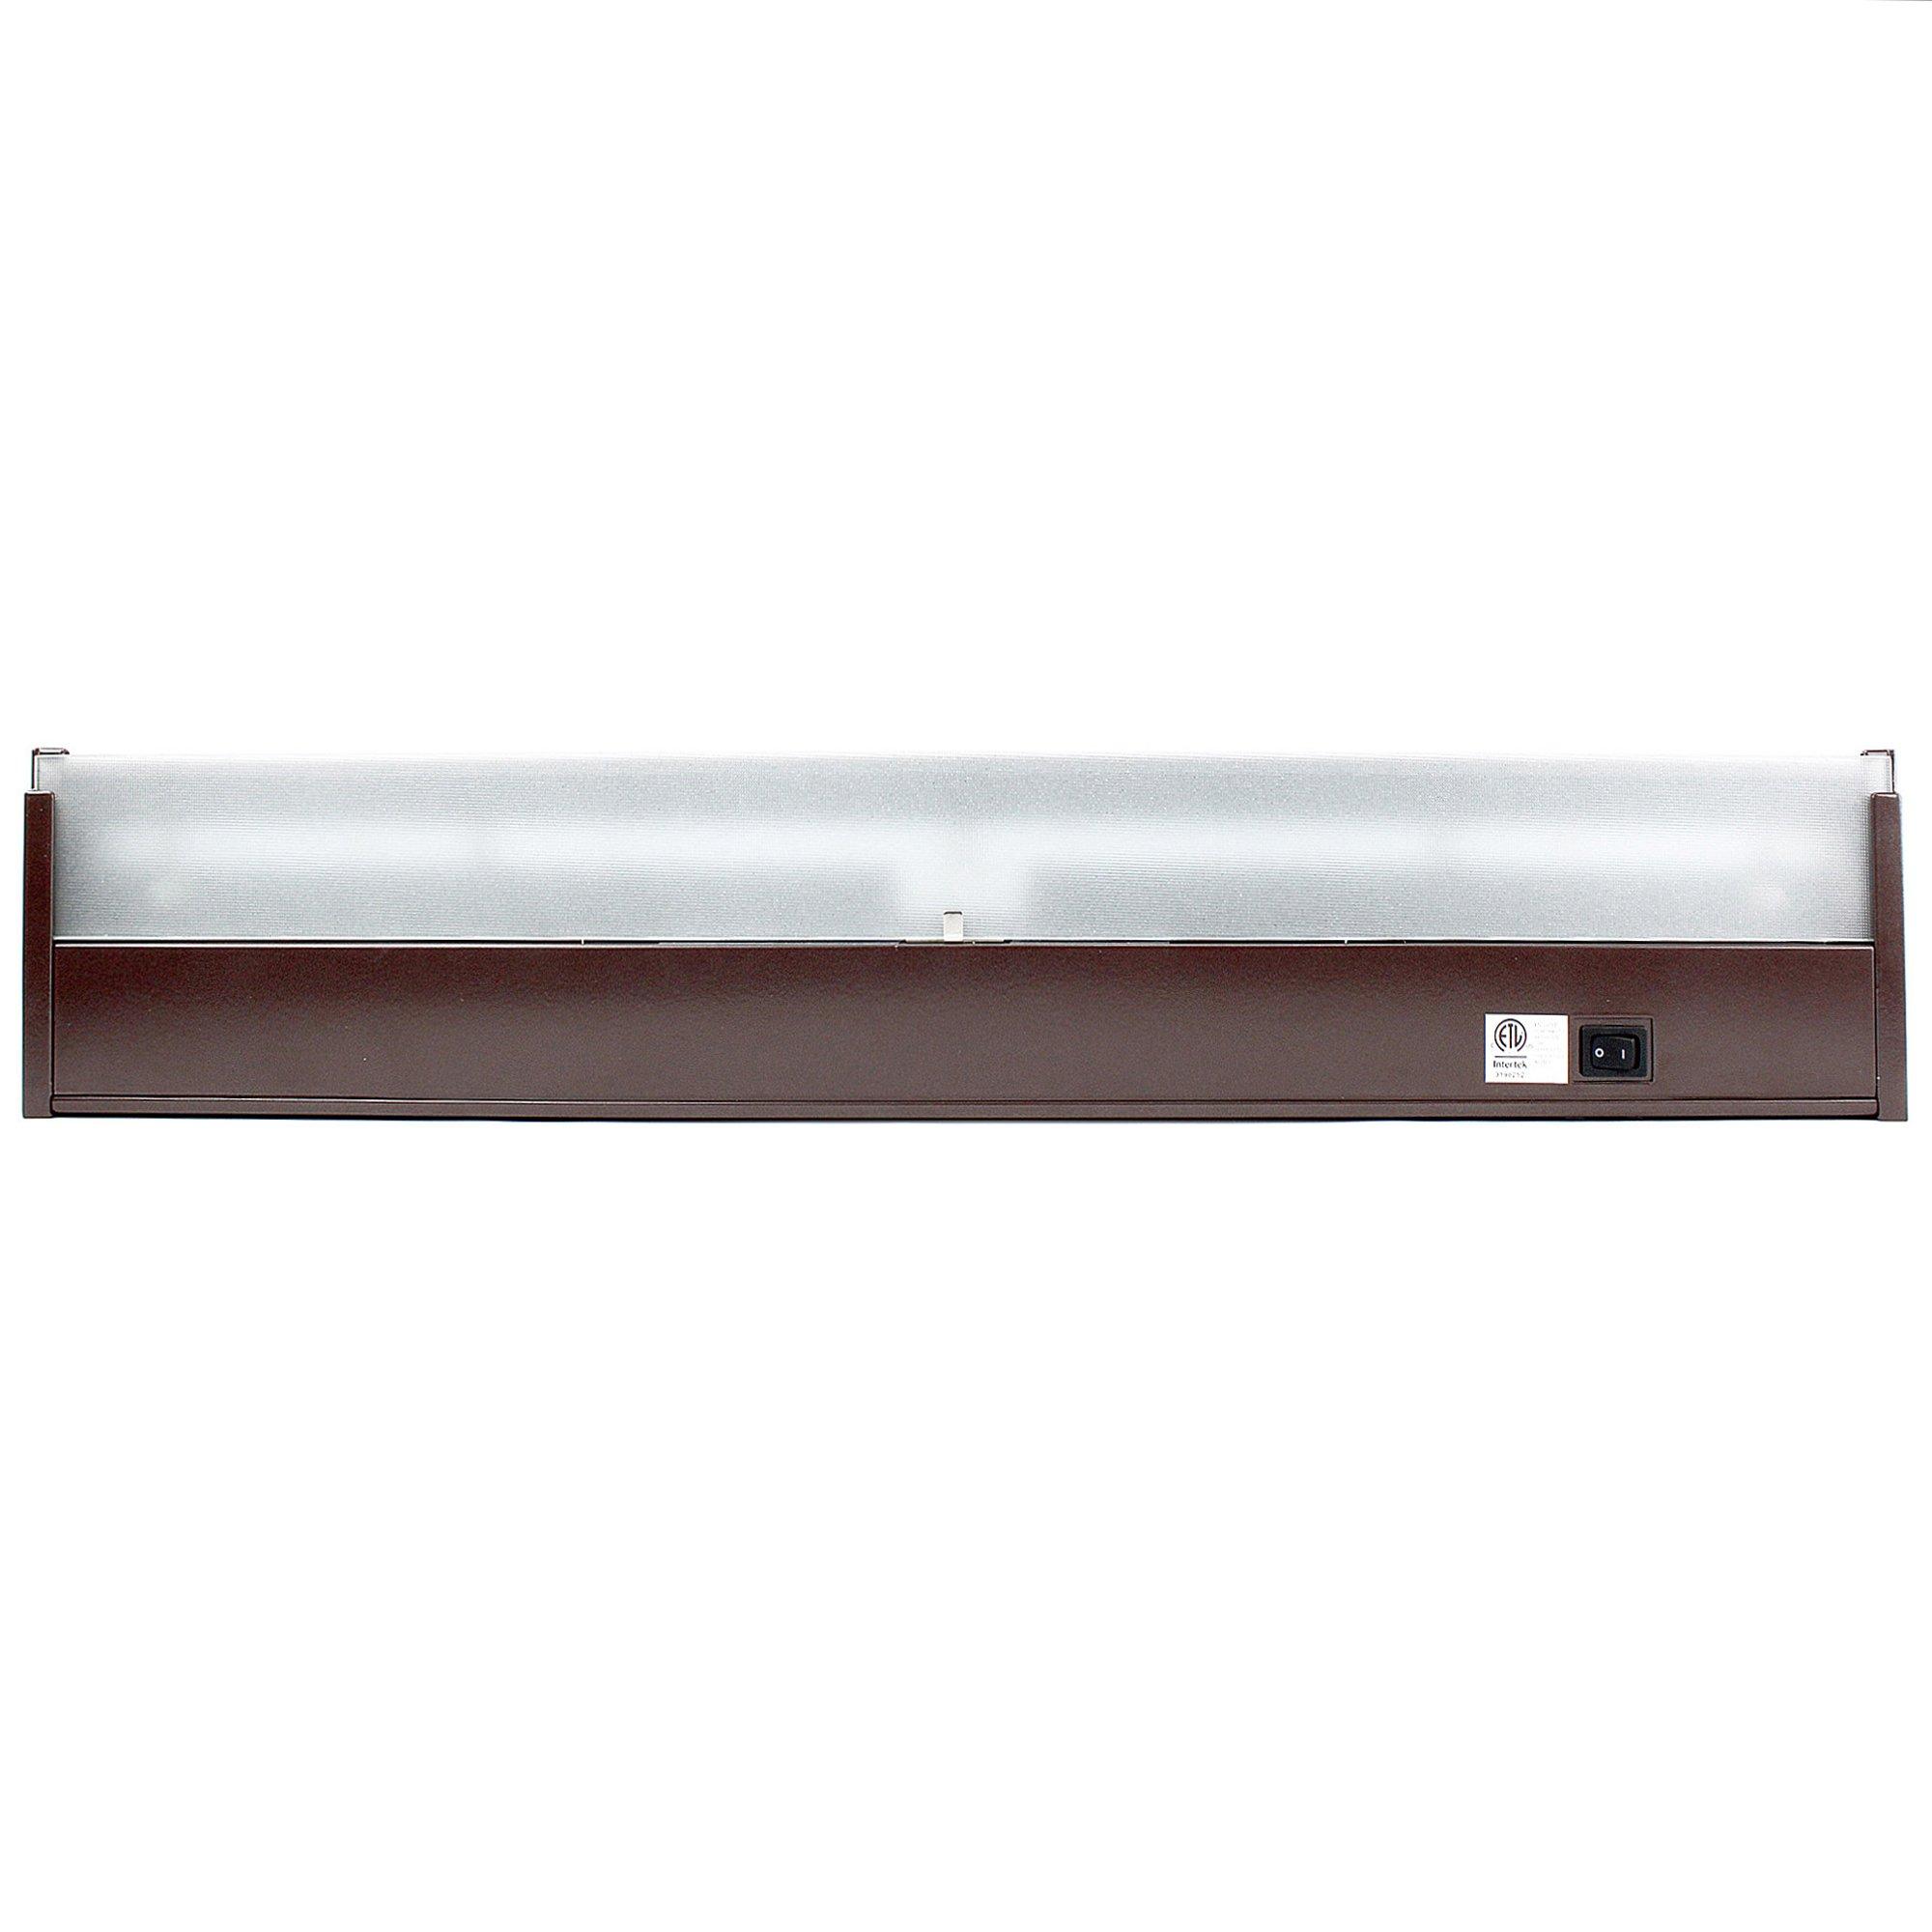 GM Lighting UCLED-24-BZ-DIM 120V Lumentask LED Undercabinet Light Fixture, LumenTask LED Lighting, Quality LED's, 3000k, 24'', Bronze